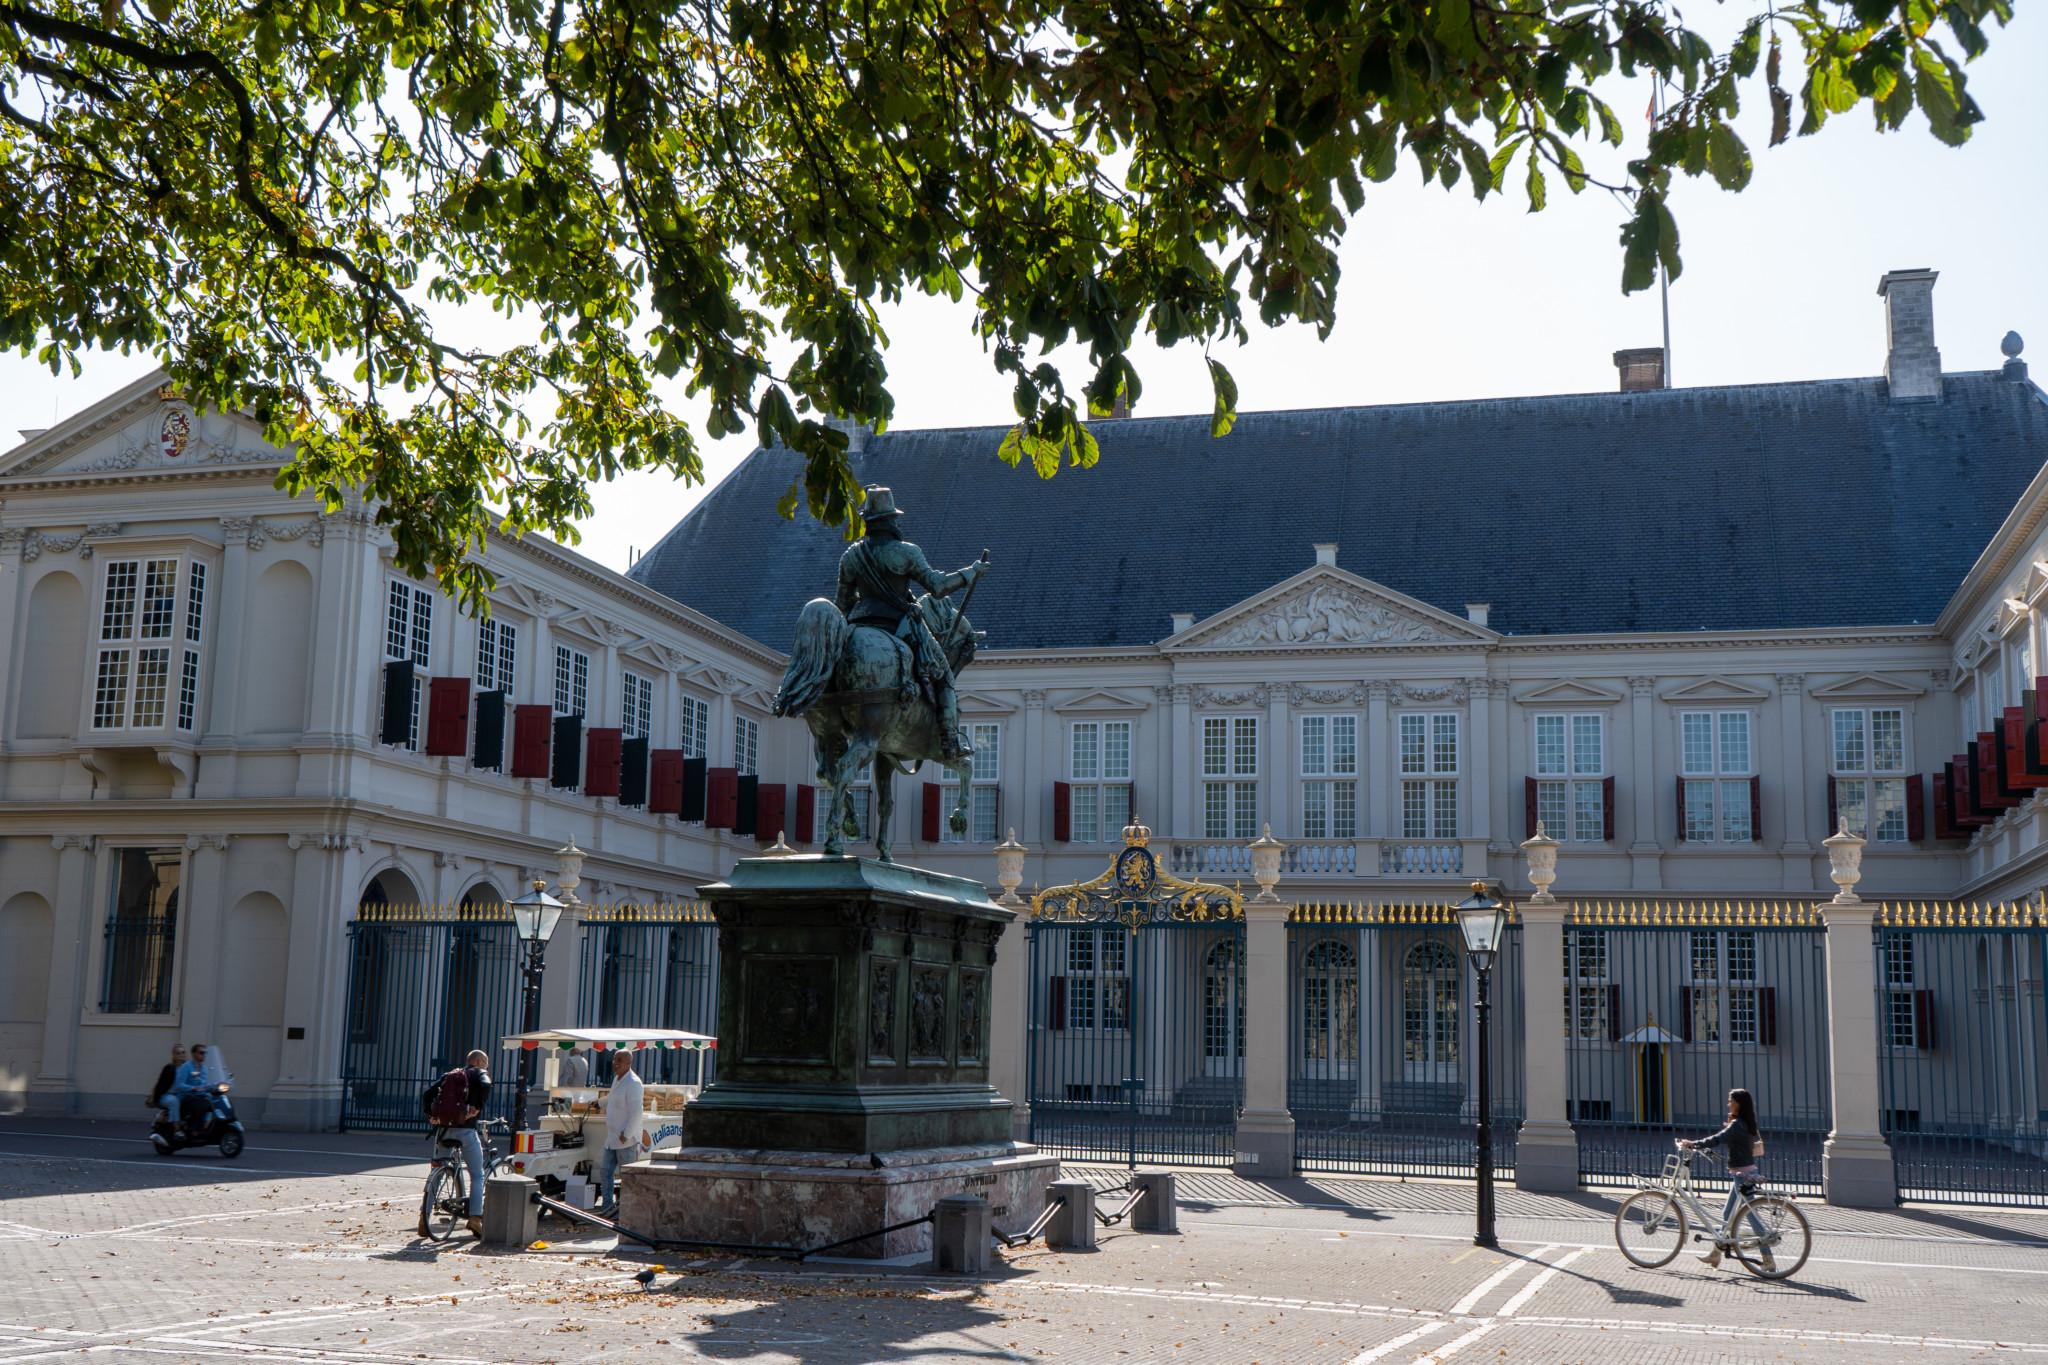 Schöne Städte in Holland: Der Königspalast in Den Haag